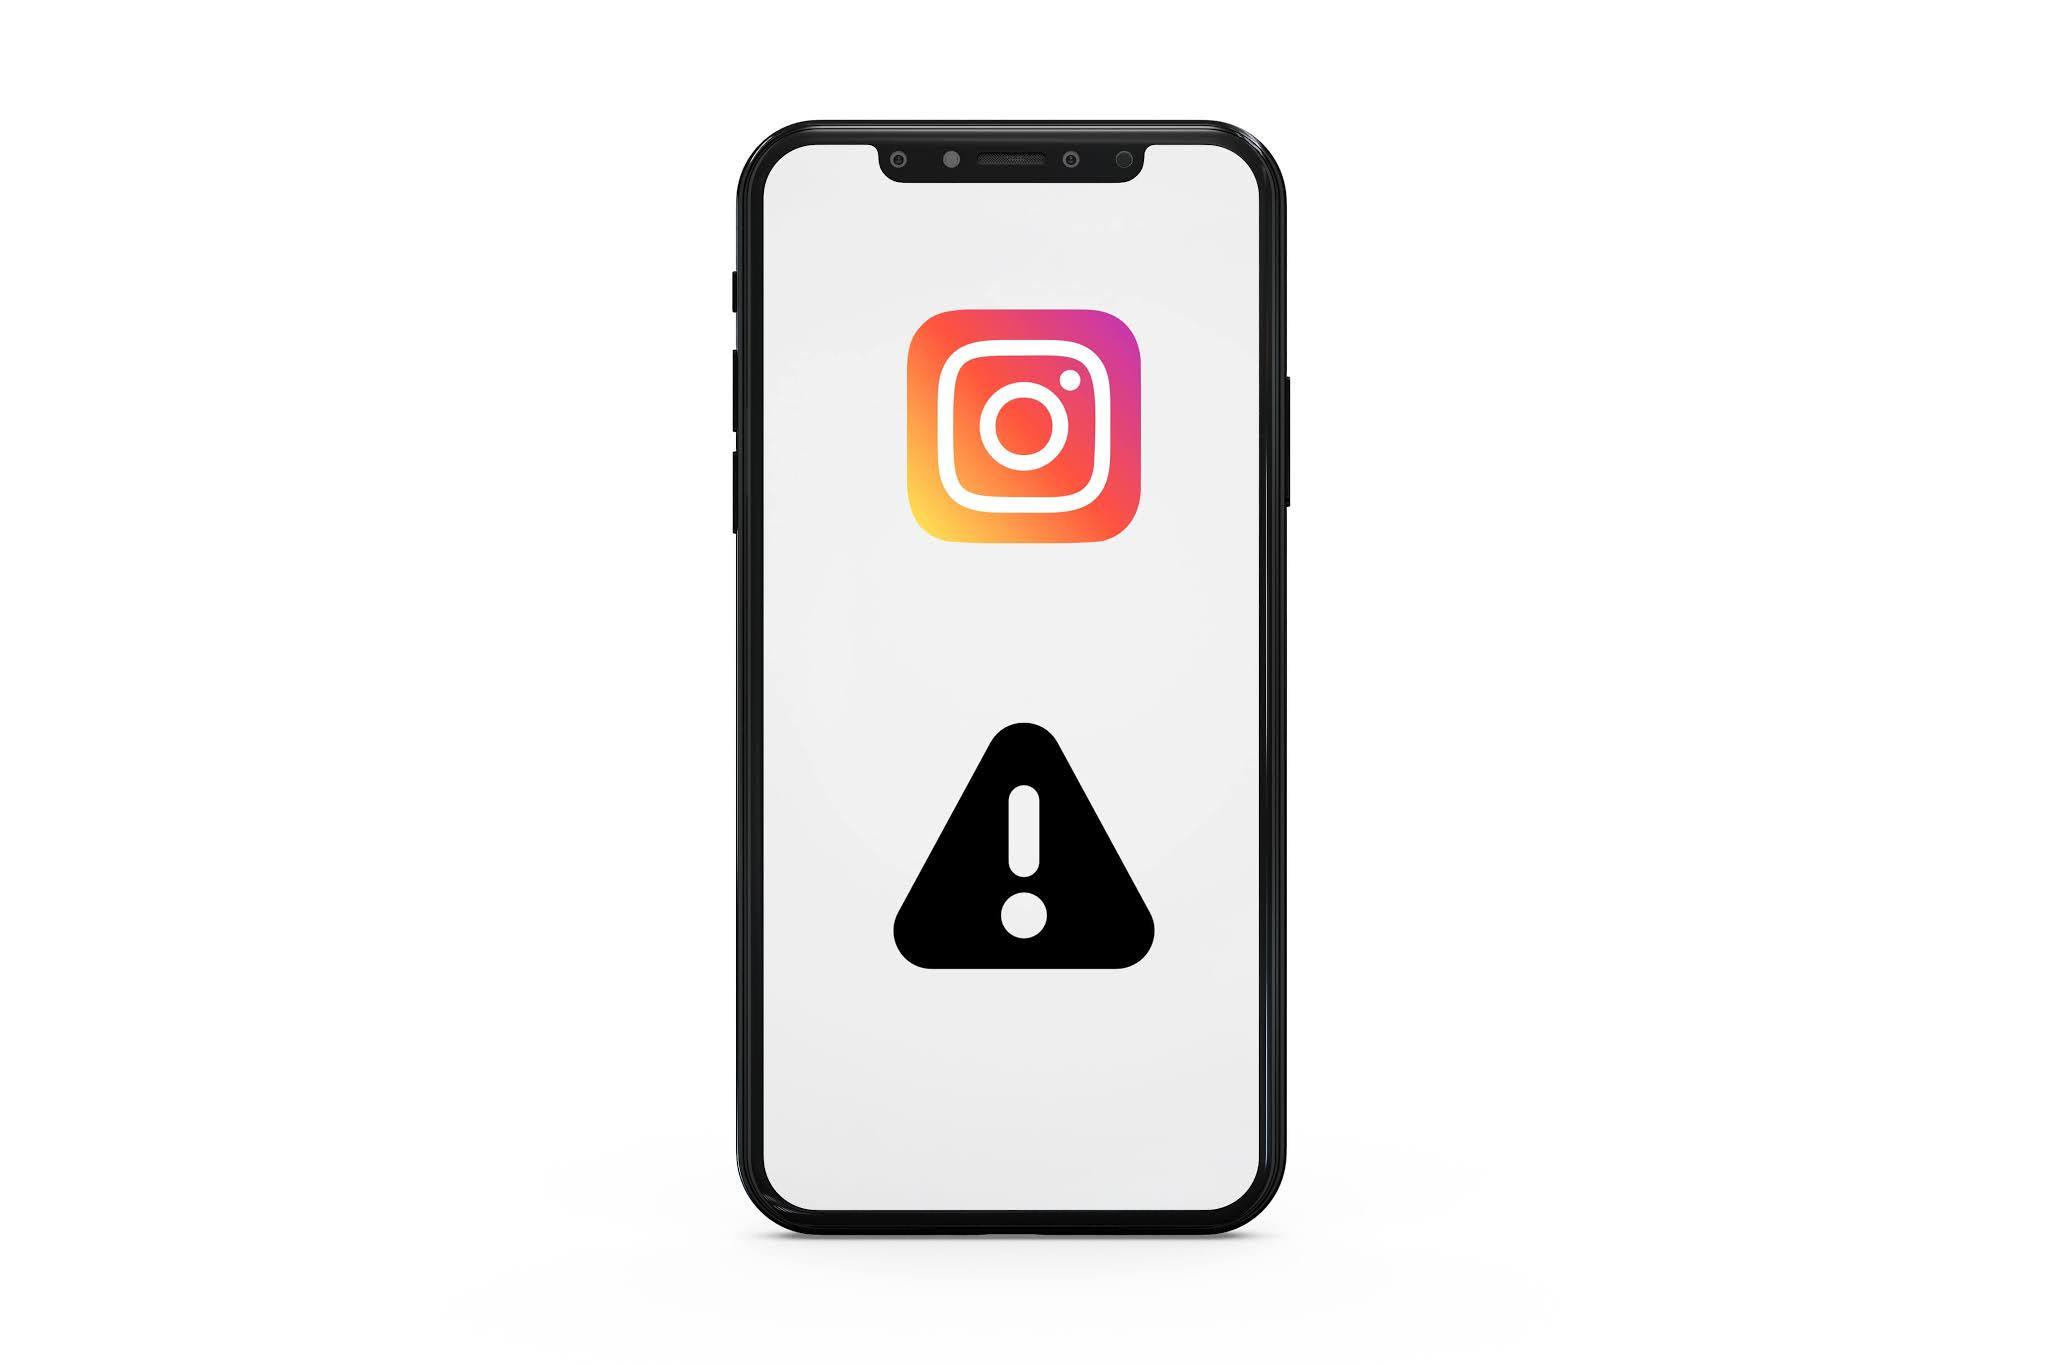 Instagram Durduruldu Hatası ve Çözümü 2021